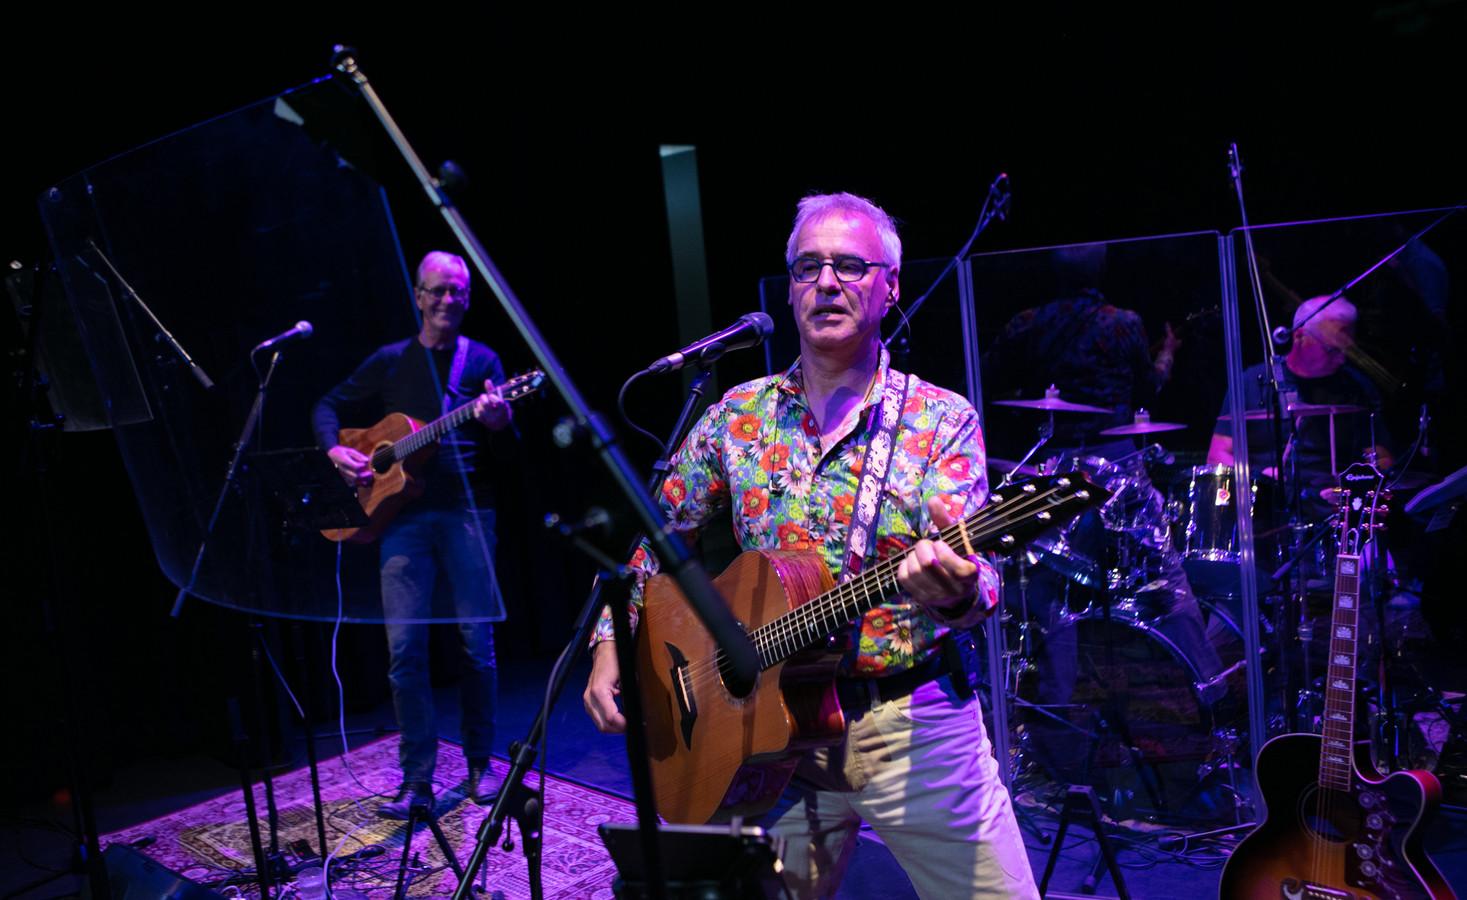 De band Memory Lane verbrak in juni de maandenlange corona-stilte in het Dalfser theater De Stoomfabriek. Het optreden werd gevolgd door een dertigtal gasten in het theater en thuis via een livestream. Dit najaar treedt de band nog vier keer op in De Stoomfabriek.